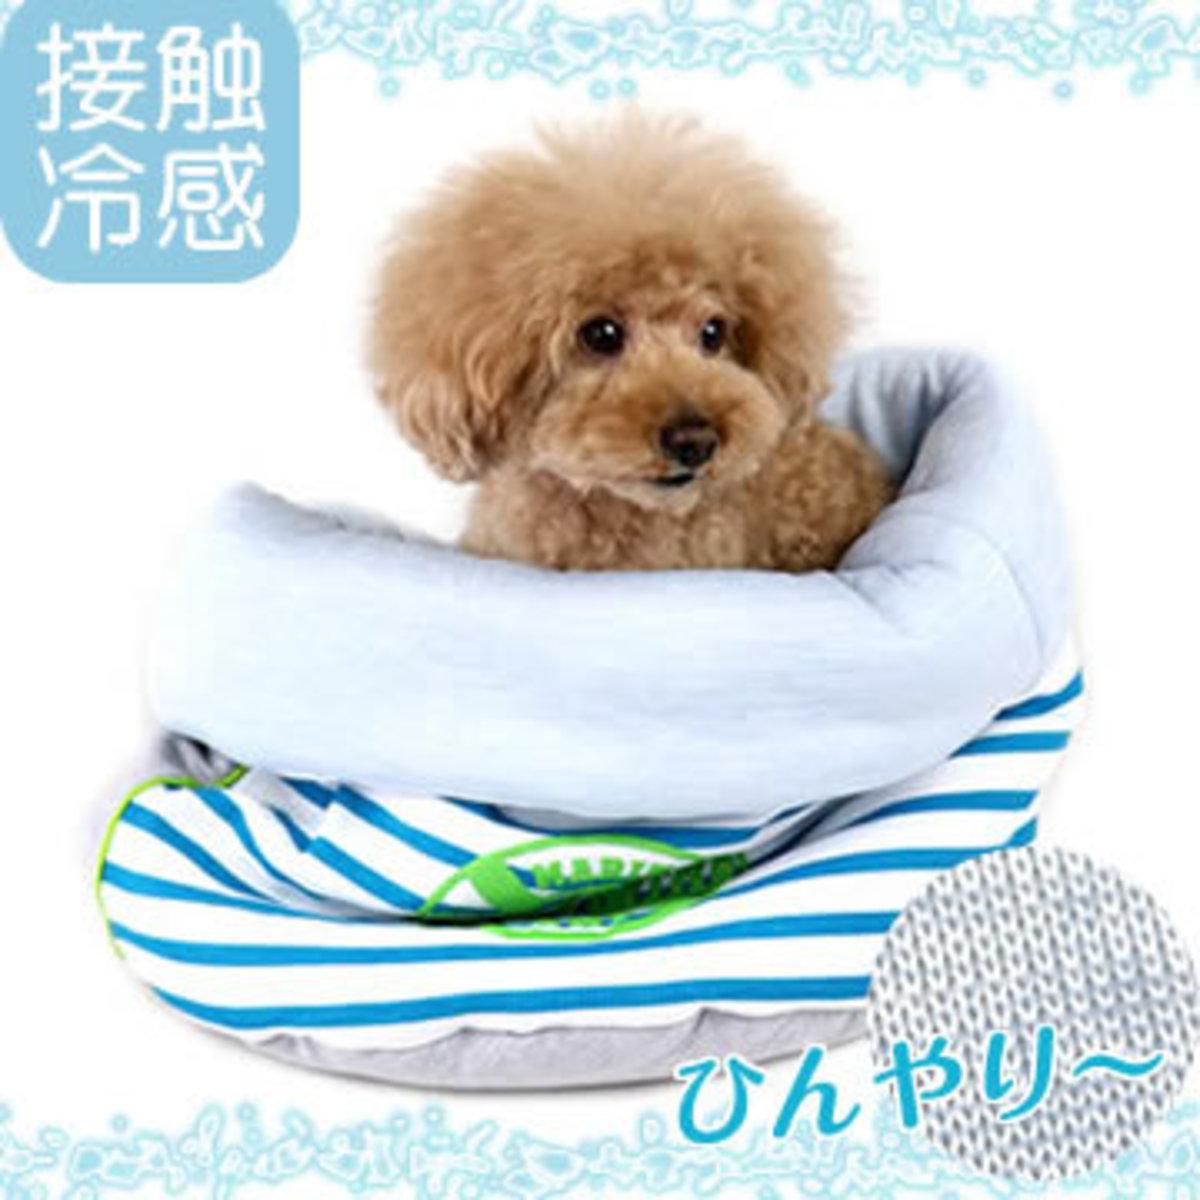 【PET PARADISE】Pet Bed Cool Mat